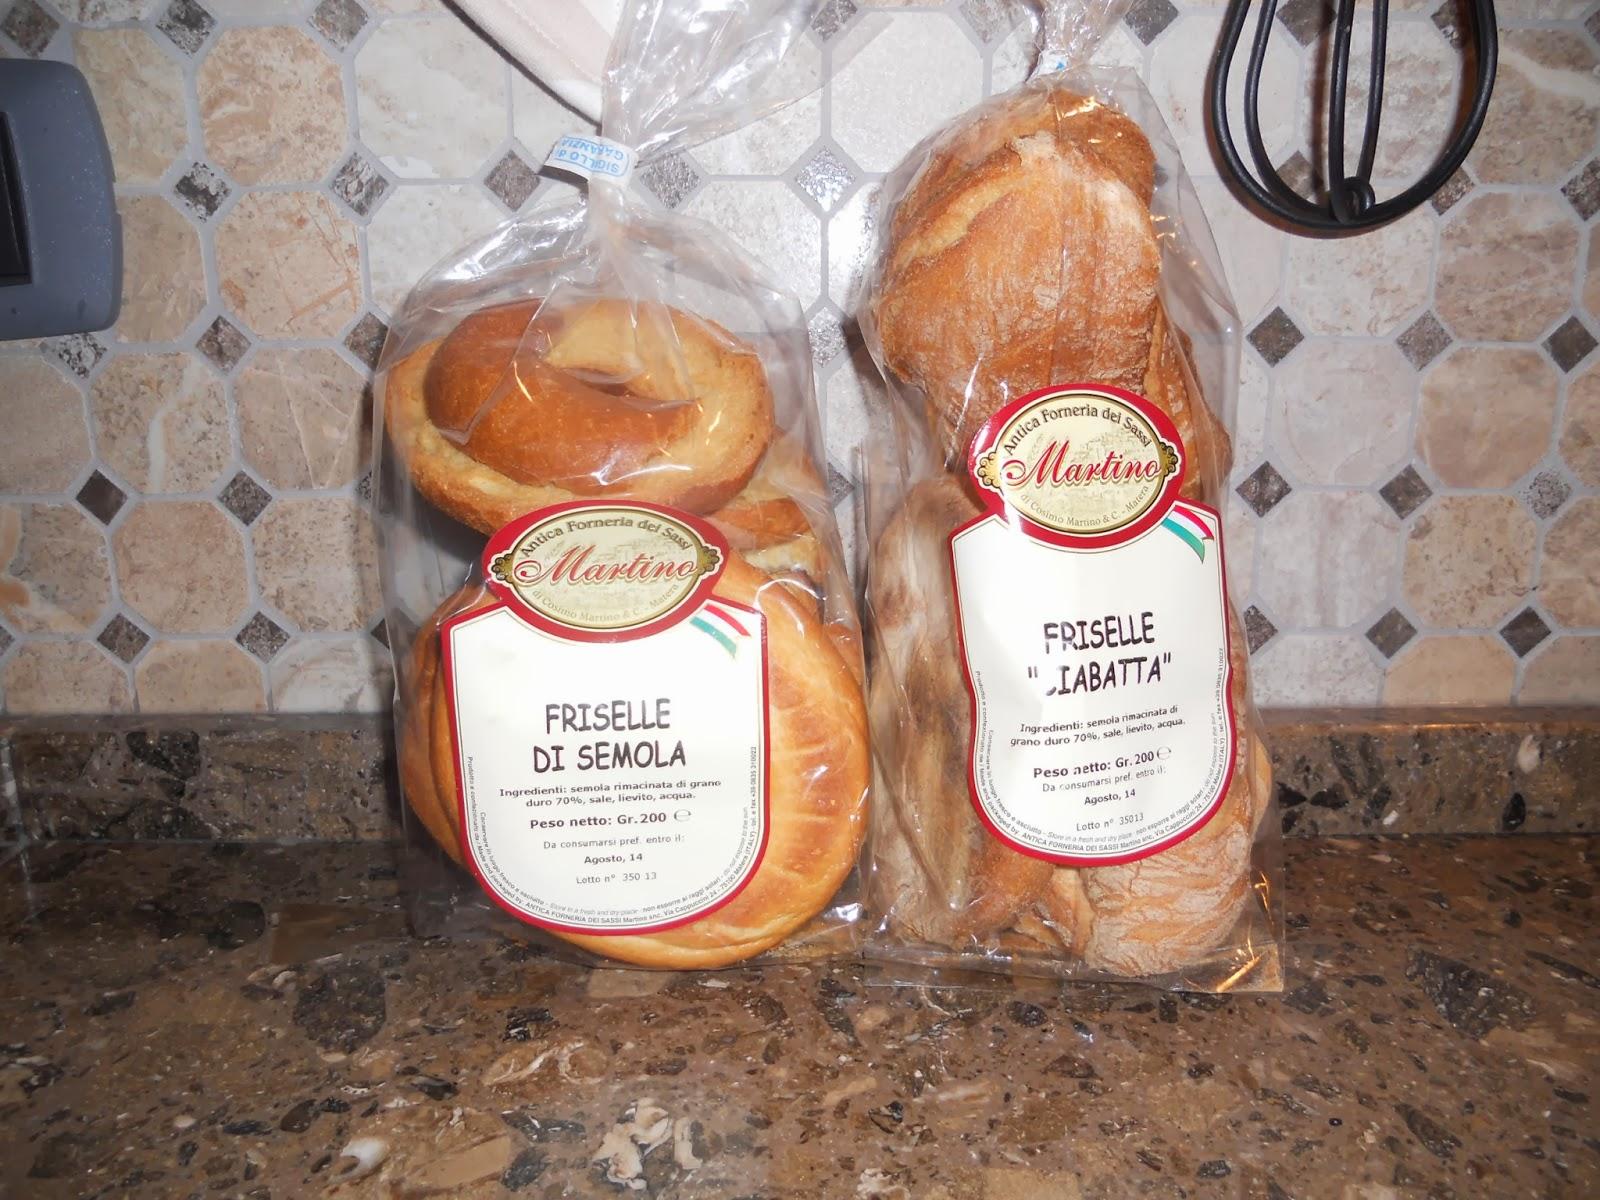 http://www.gustobi.it/prodotti-da-forno/pane-e-bruschette/crostini-e-bruschette/ciabatta-a-frisella.html